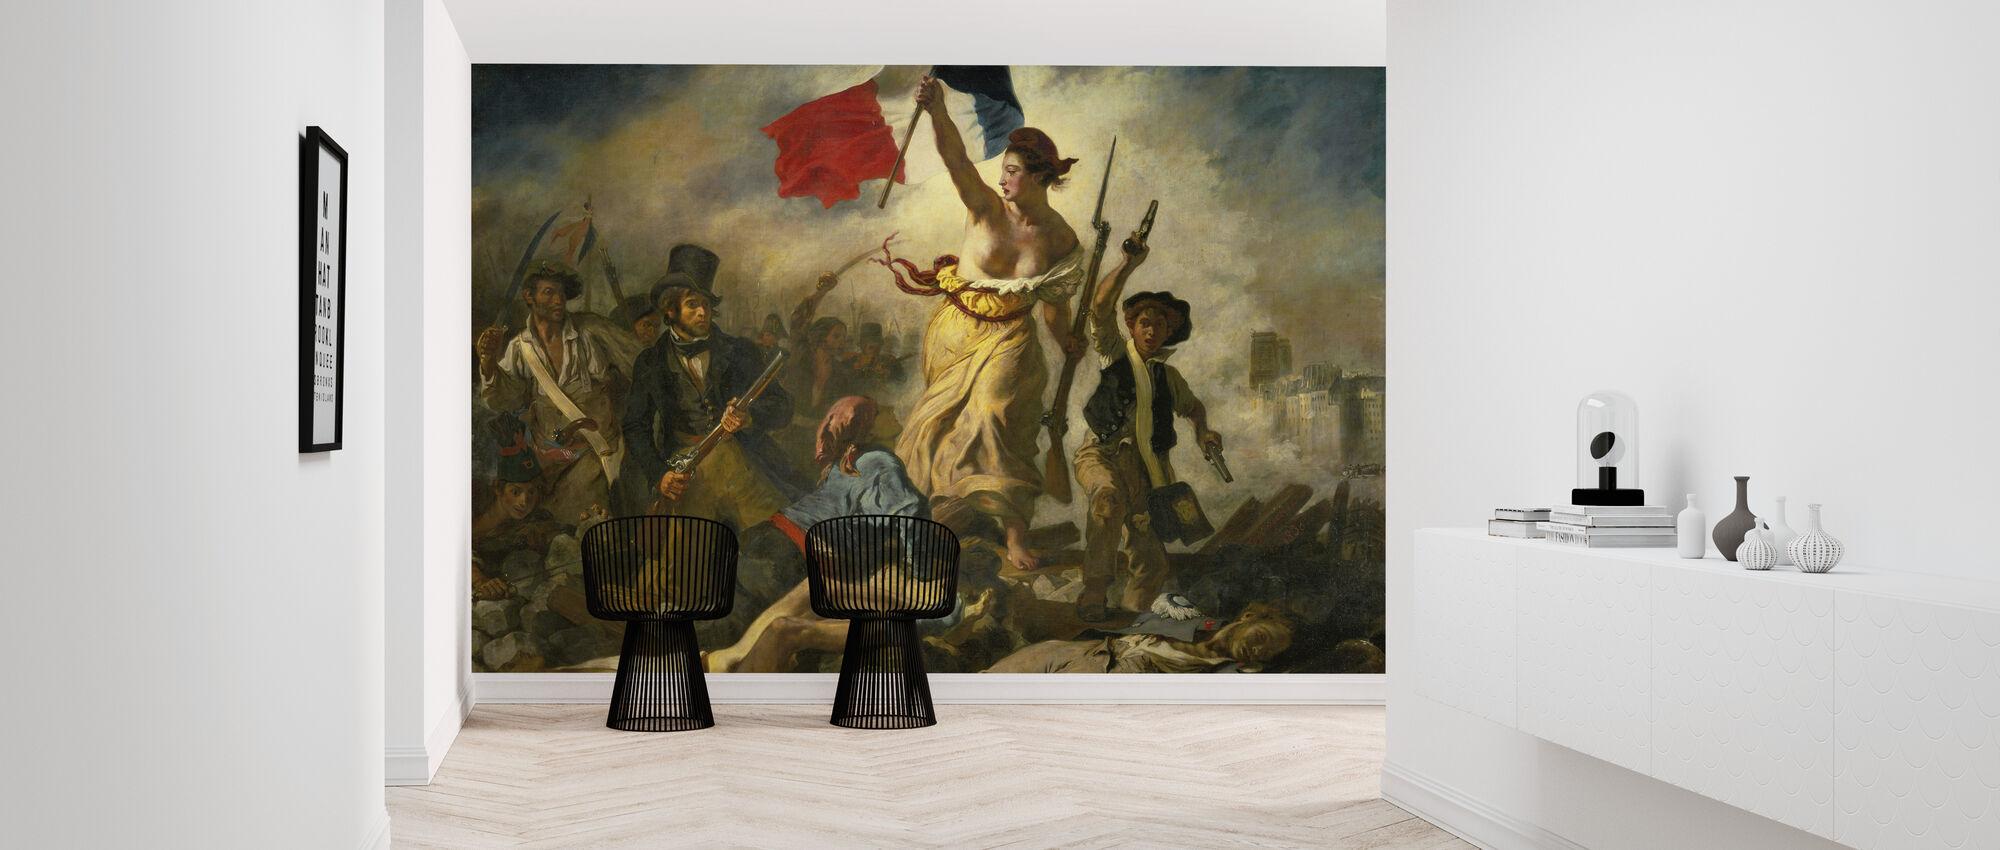 Bastille Day - Eugene Delacroix - Wallpaper - Hallway